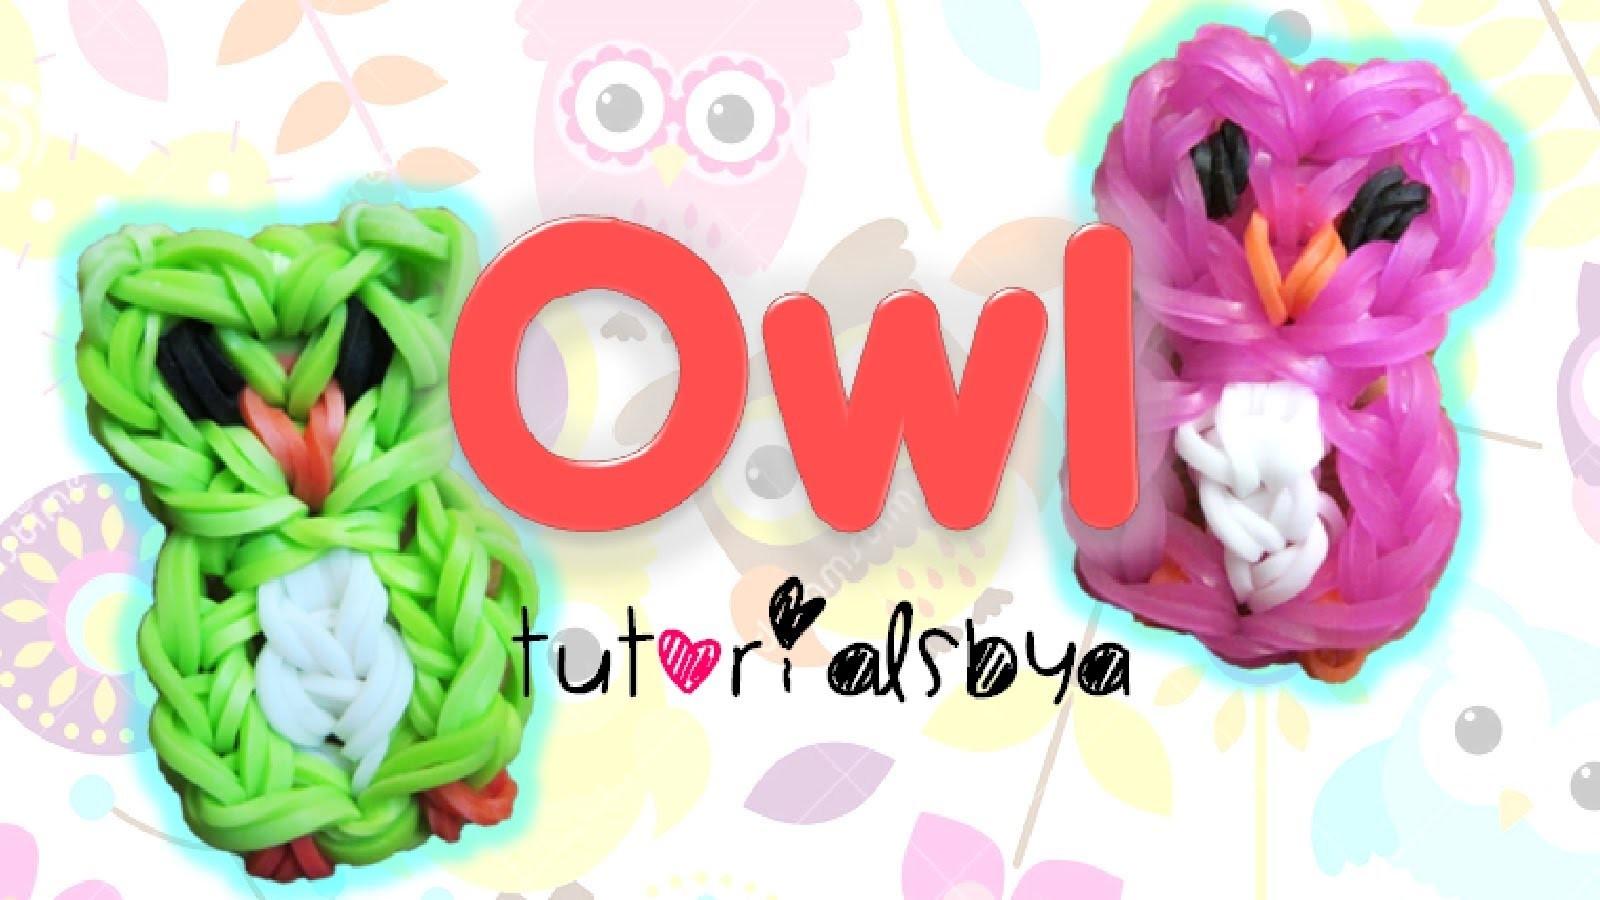 Owl Charm. Mini Figurine Rainbow Loom Tutorial